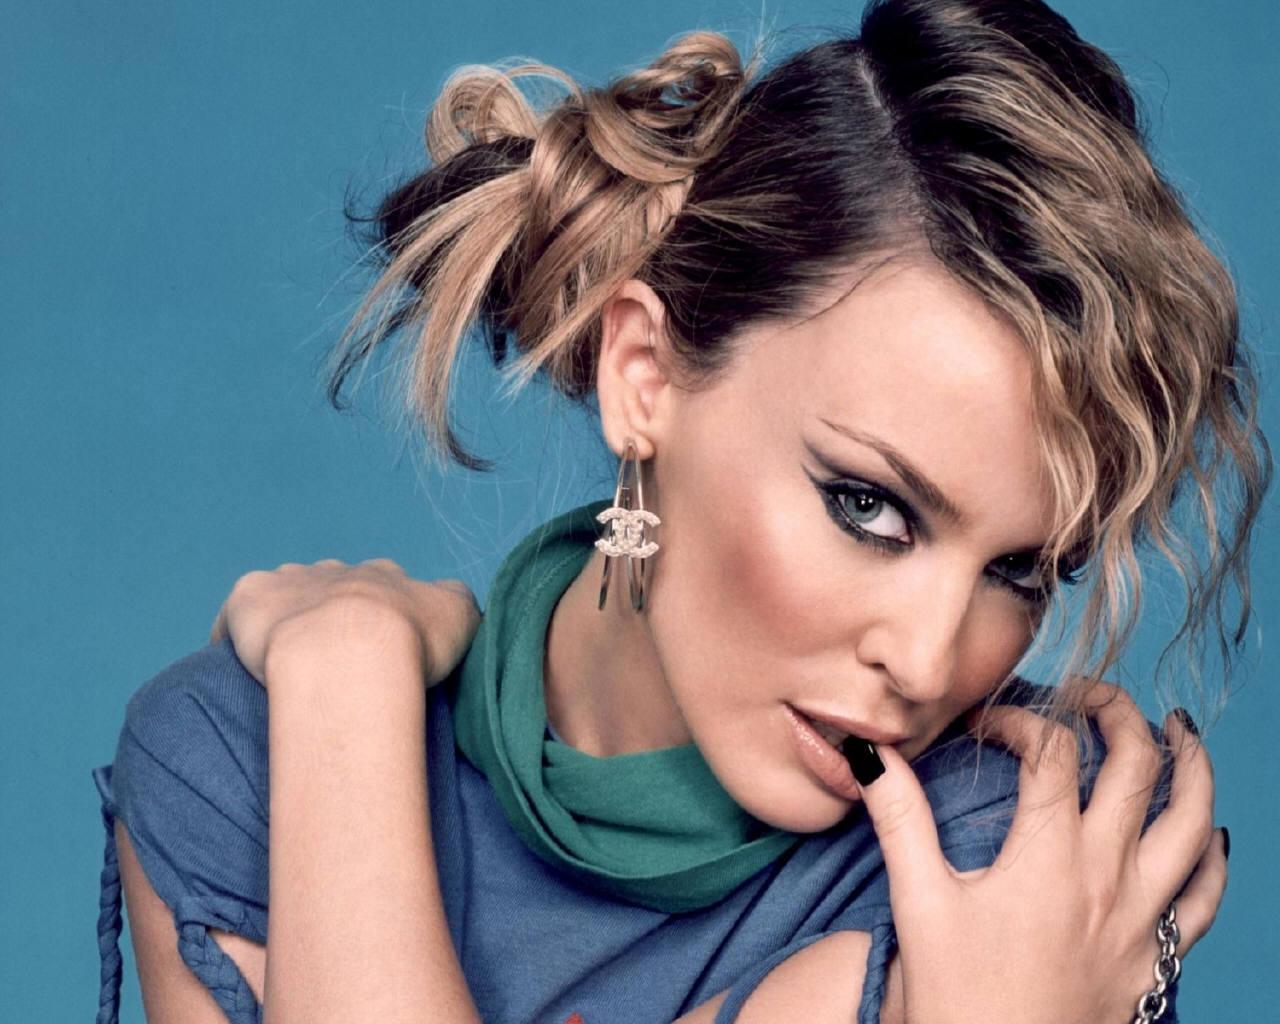 http://4.bp.blogspot.com/-ZHSoypNdF0c/T6fOdA_Wm8I/AAAAAAAAAC8/uBLPIt3CD4k/s1600/Kylie-Minogue-kylie-minogue-64557_1280_1024.jpg